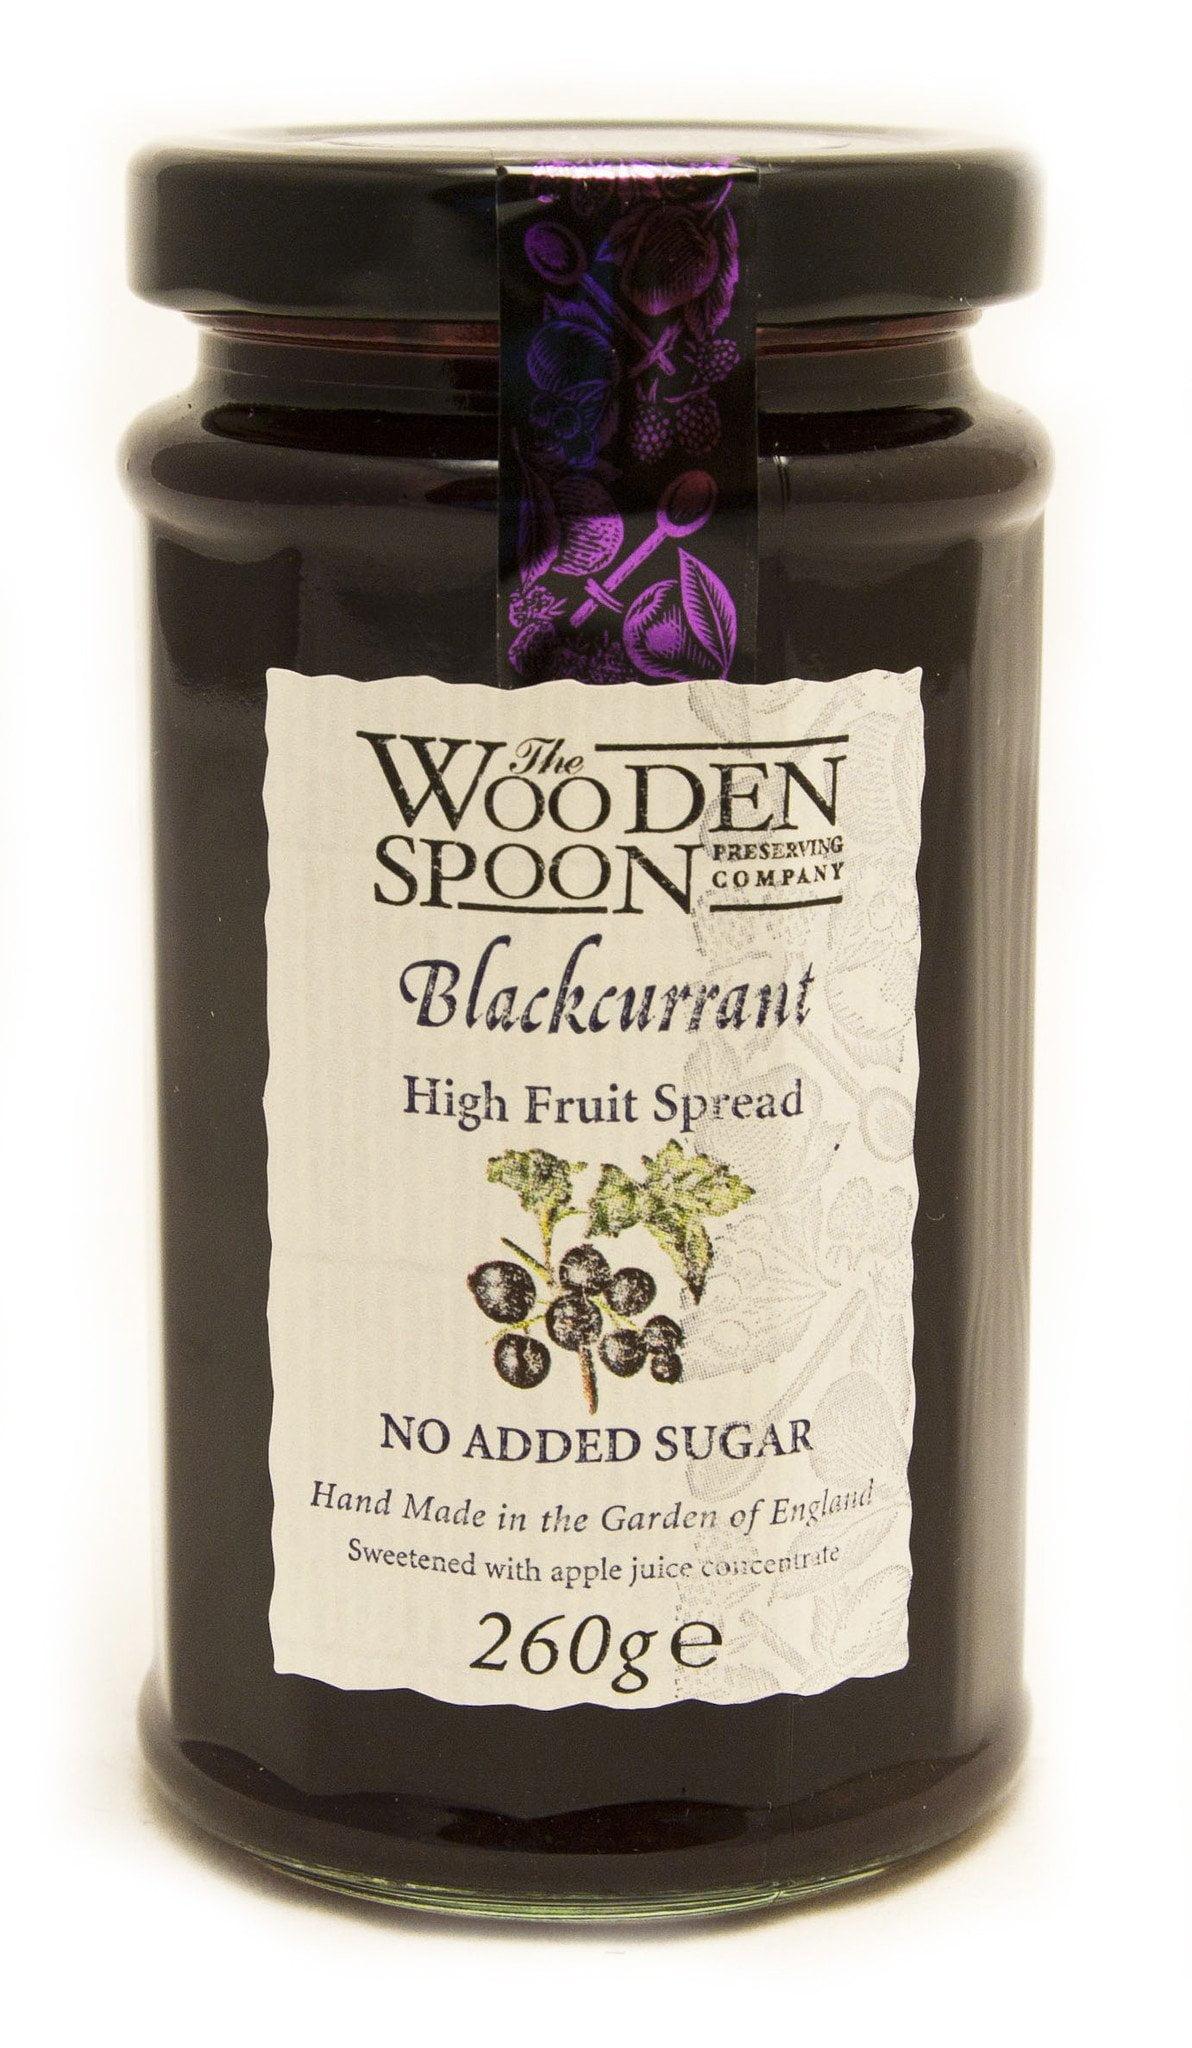 Blackcurrant - High Fruit Spread